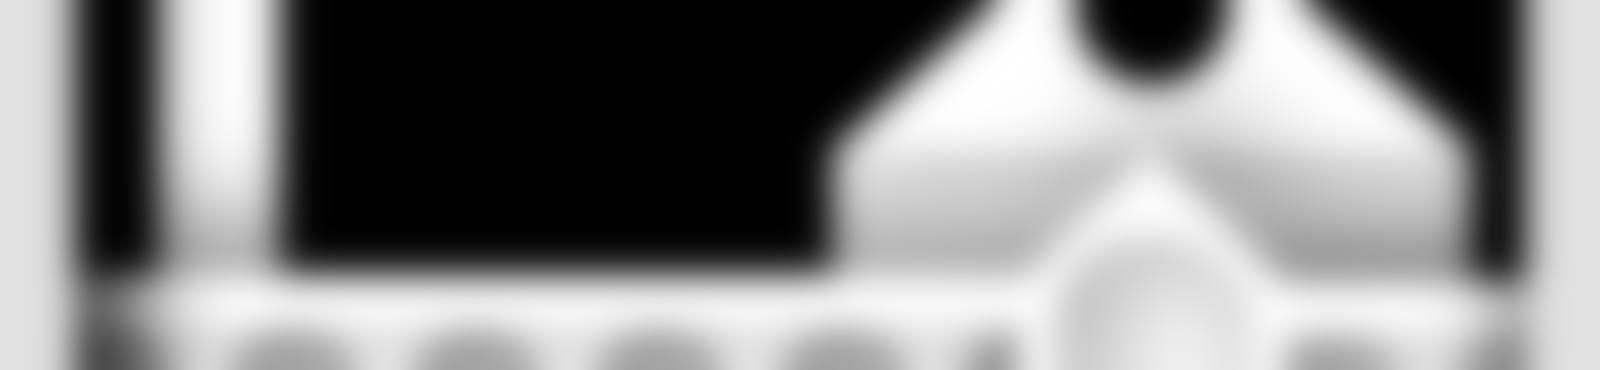 Blurred 11822331 1685576595004527 154856142915455285 n